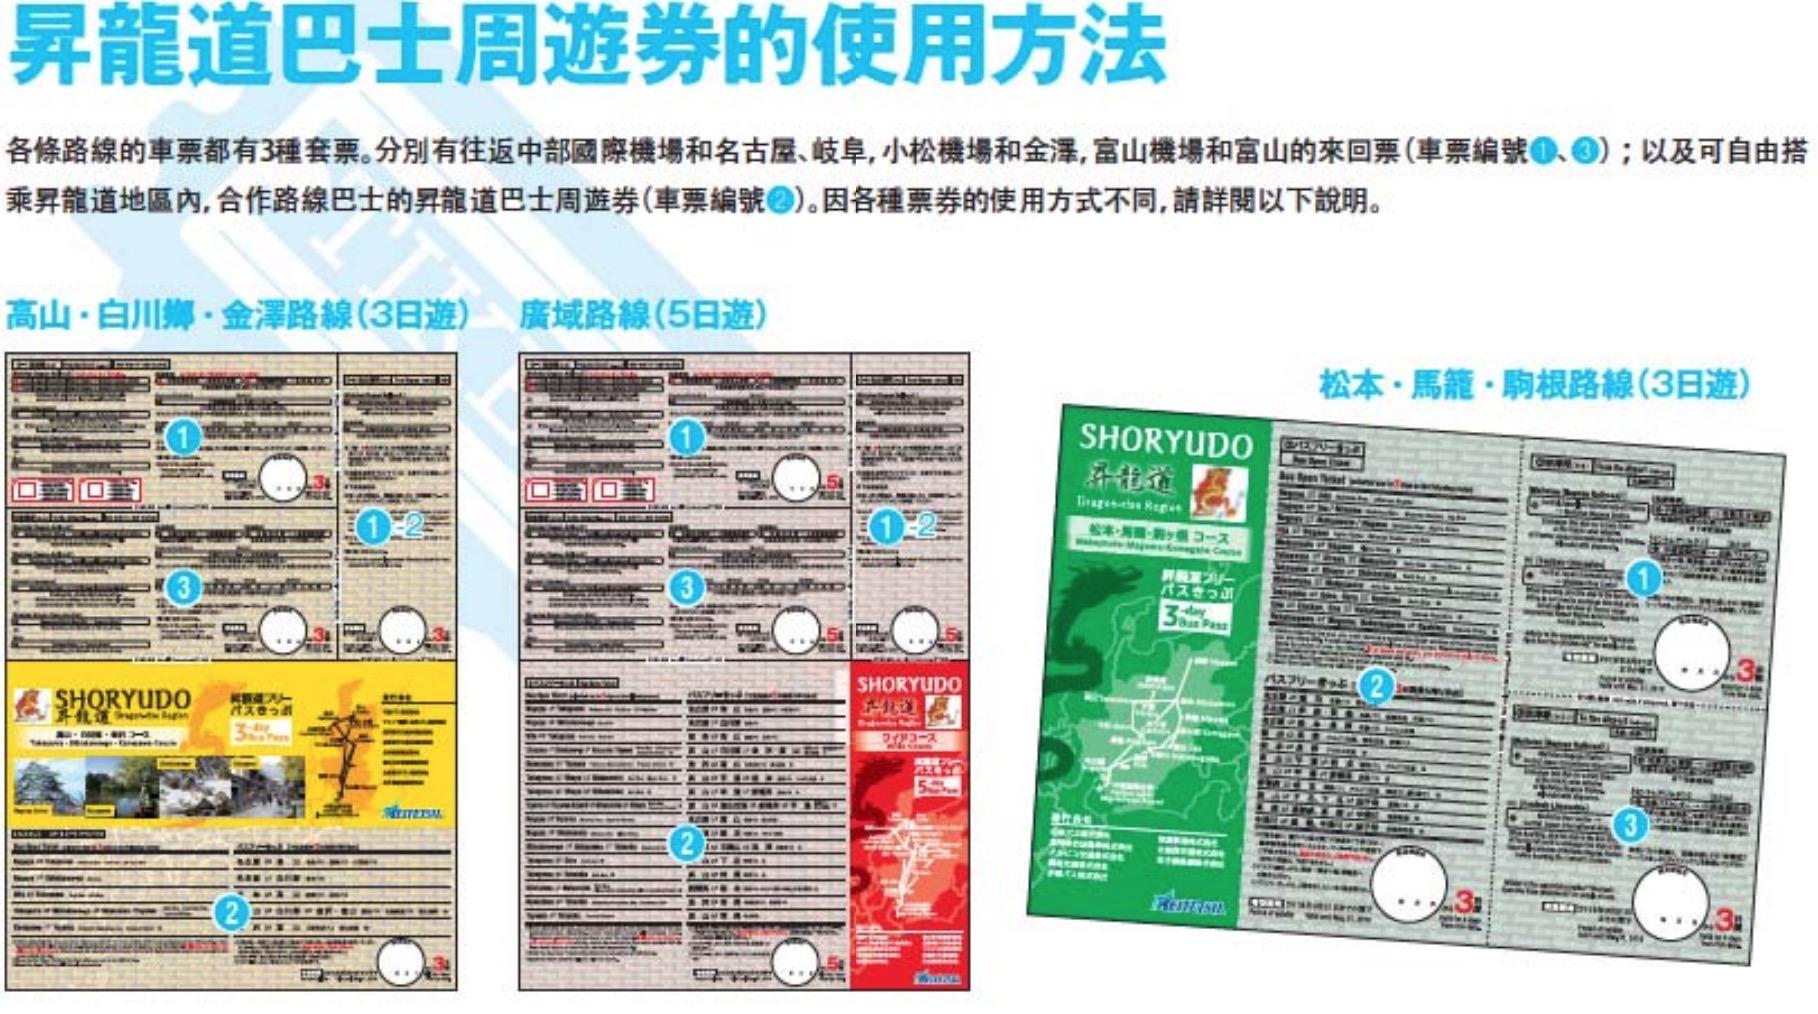 昇龍道高速巴士票卷5